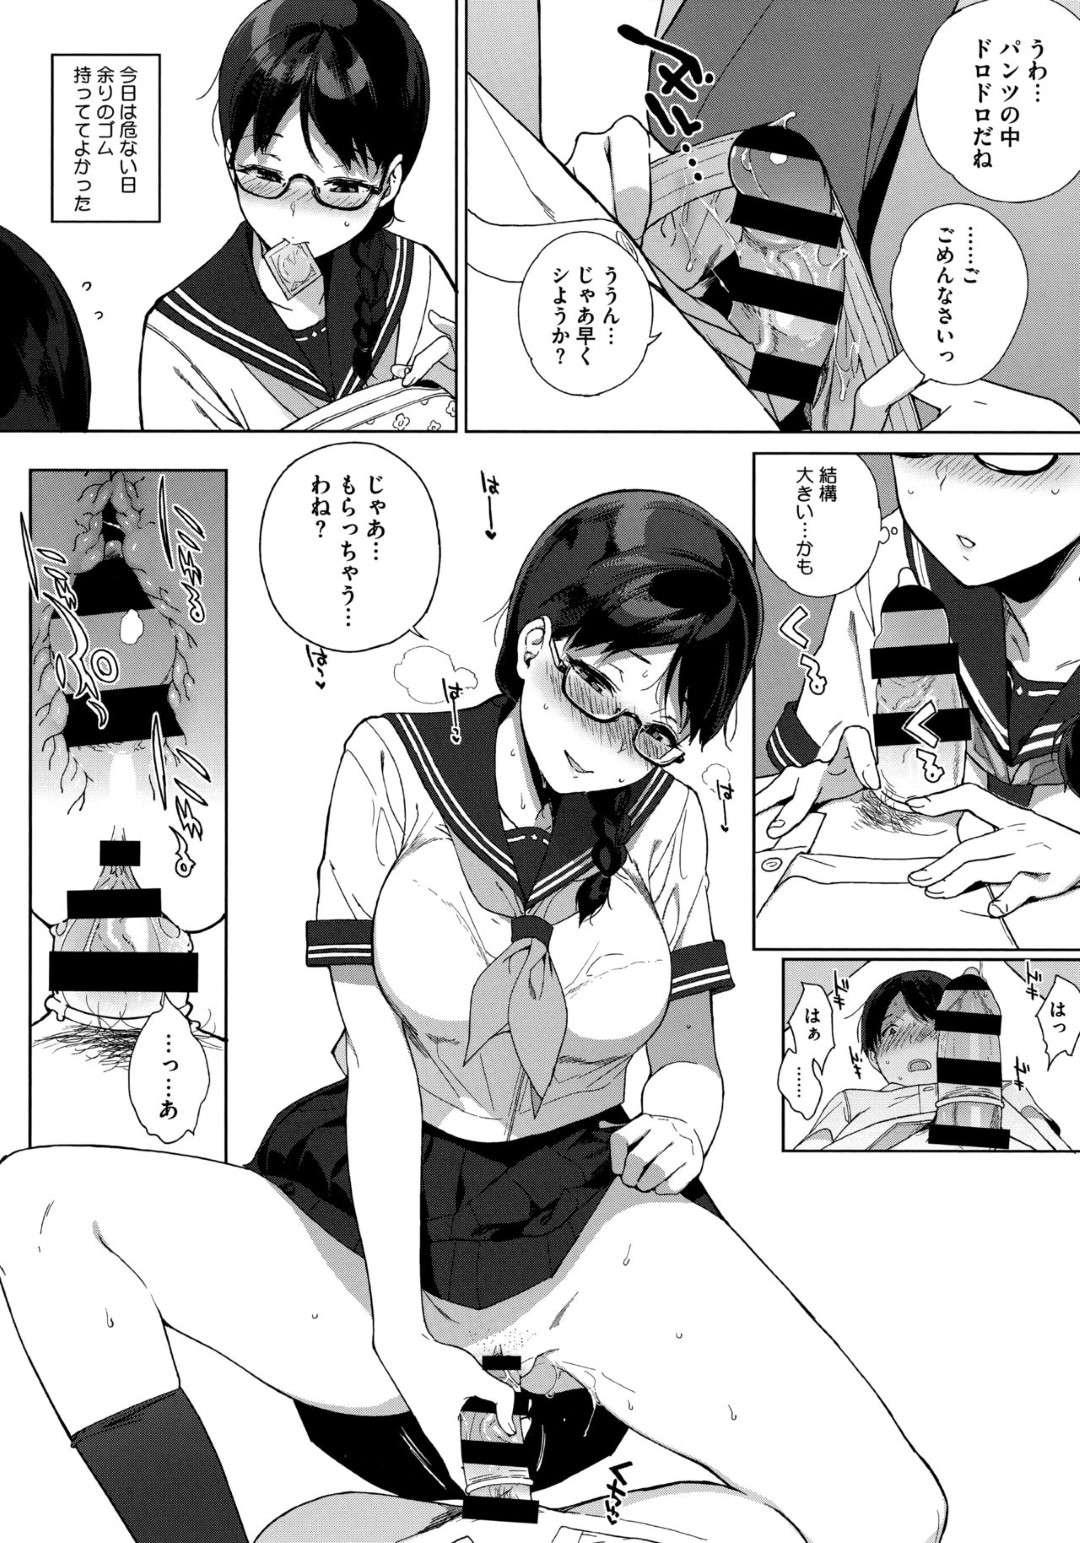 【エロ漫画】気弱な年下男子を誘惑してエッチに持ち込む清楚JK…見かけに反して淫乱な彼女は戸惑う彼にディープキスしたり、フェラ抜きしたりし、更には生ハメセックスまでもしてしまう!【笹森トモエ:瀬田さんの場合】